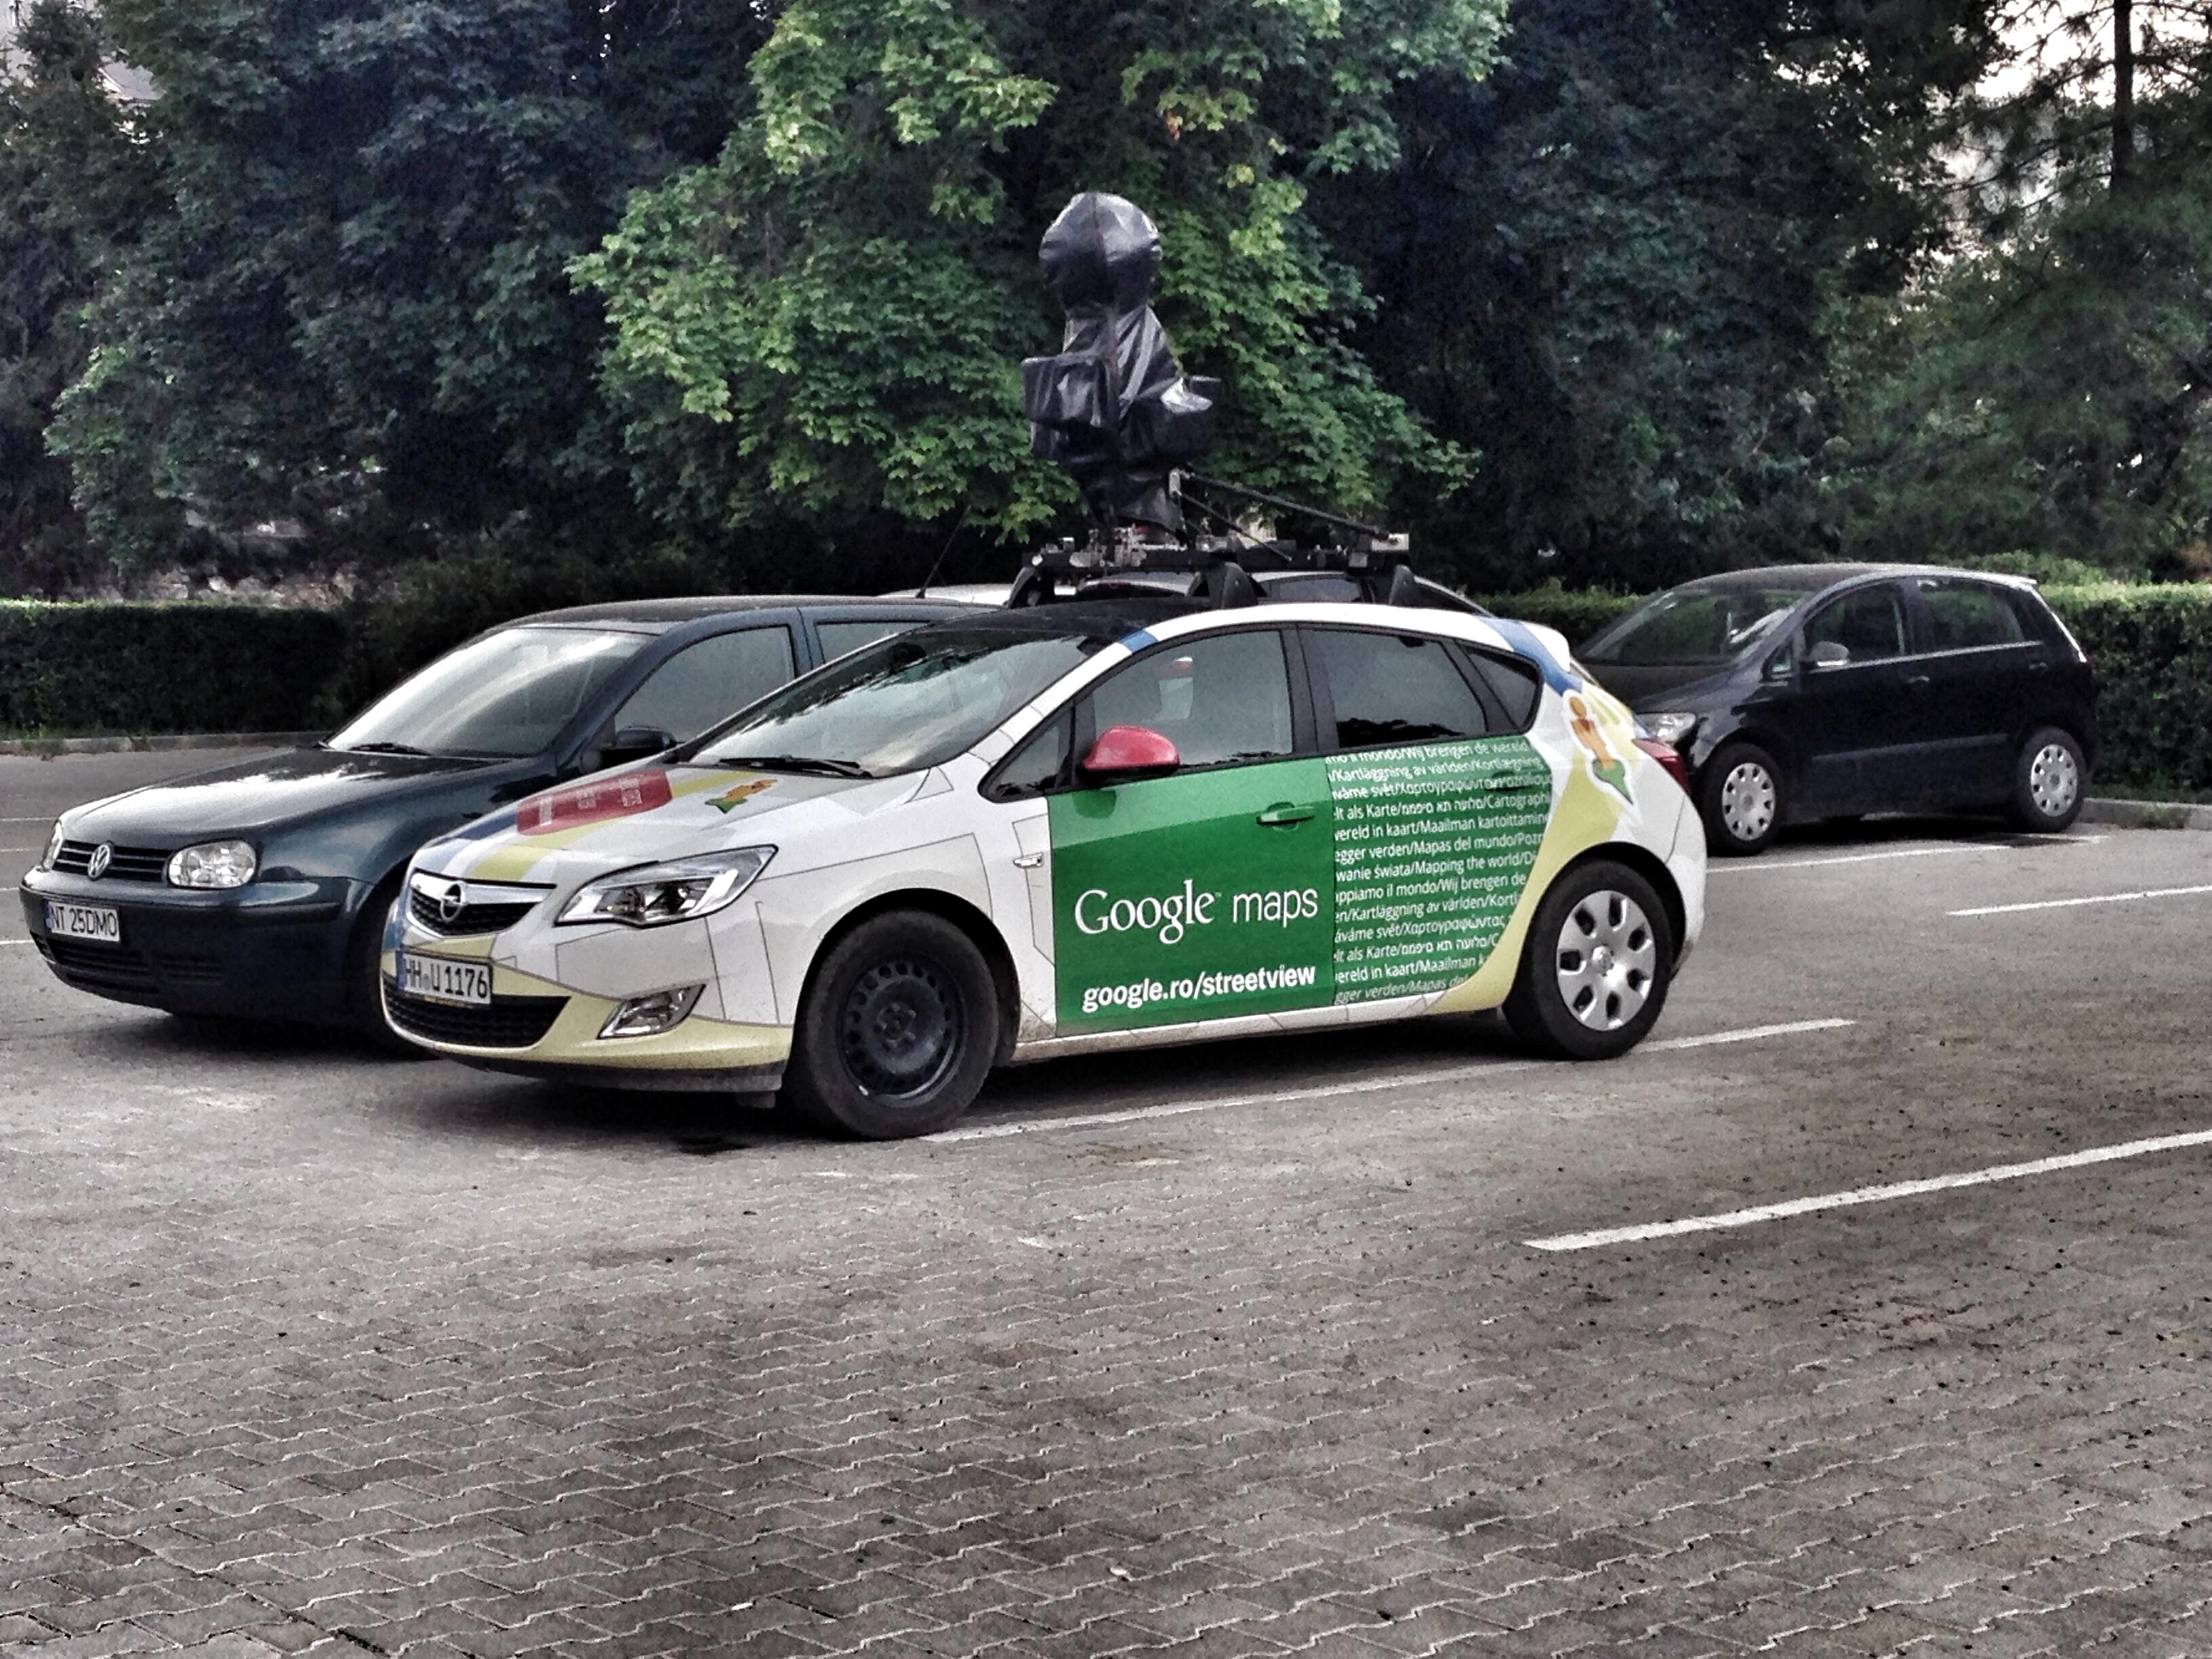 Google Mpas car